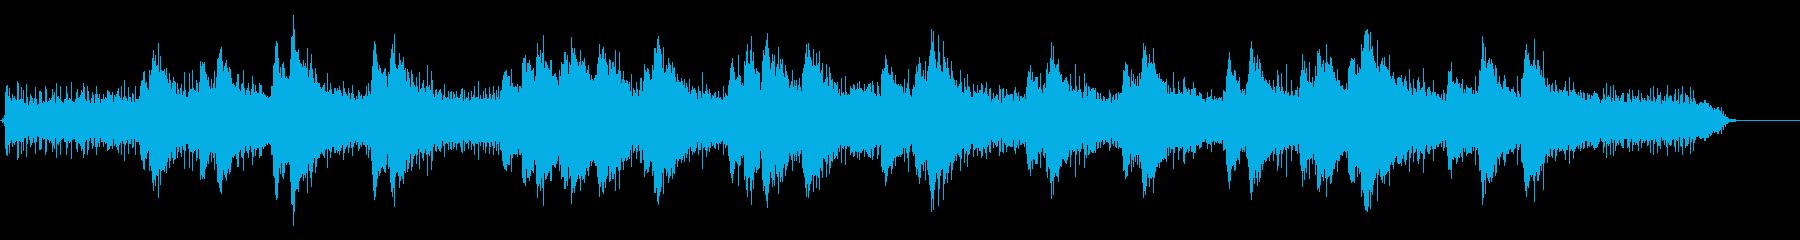 スノーモービルの起動、アイドリング...の再生済みの波形